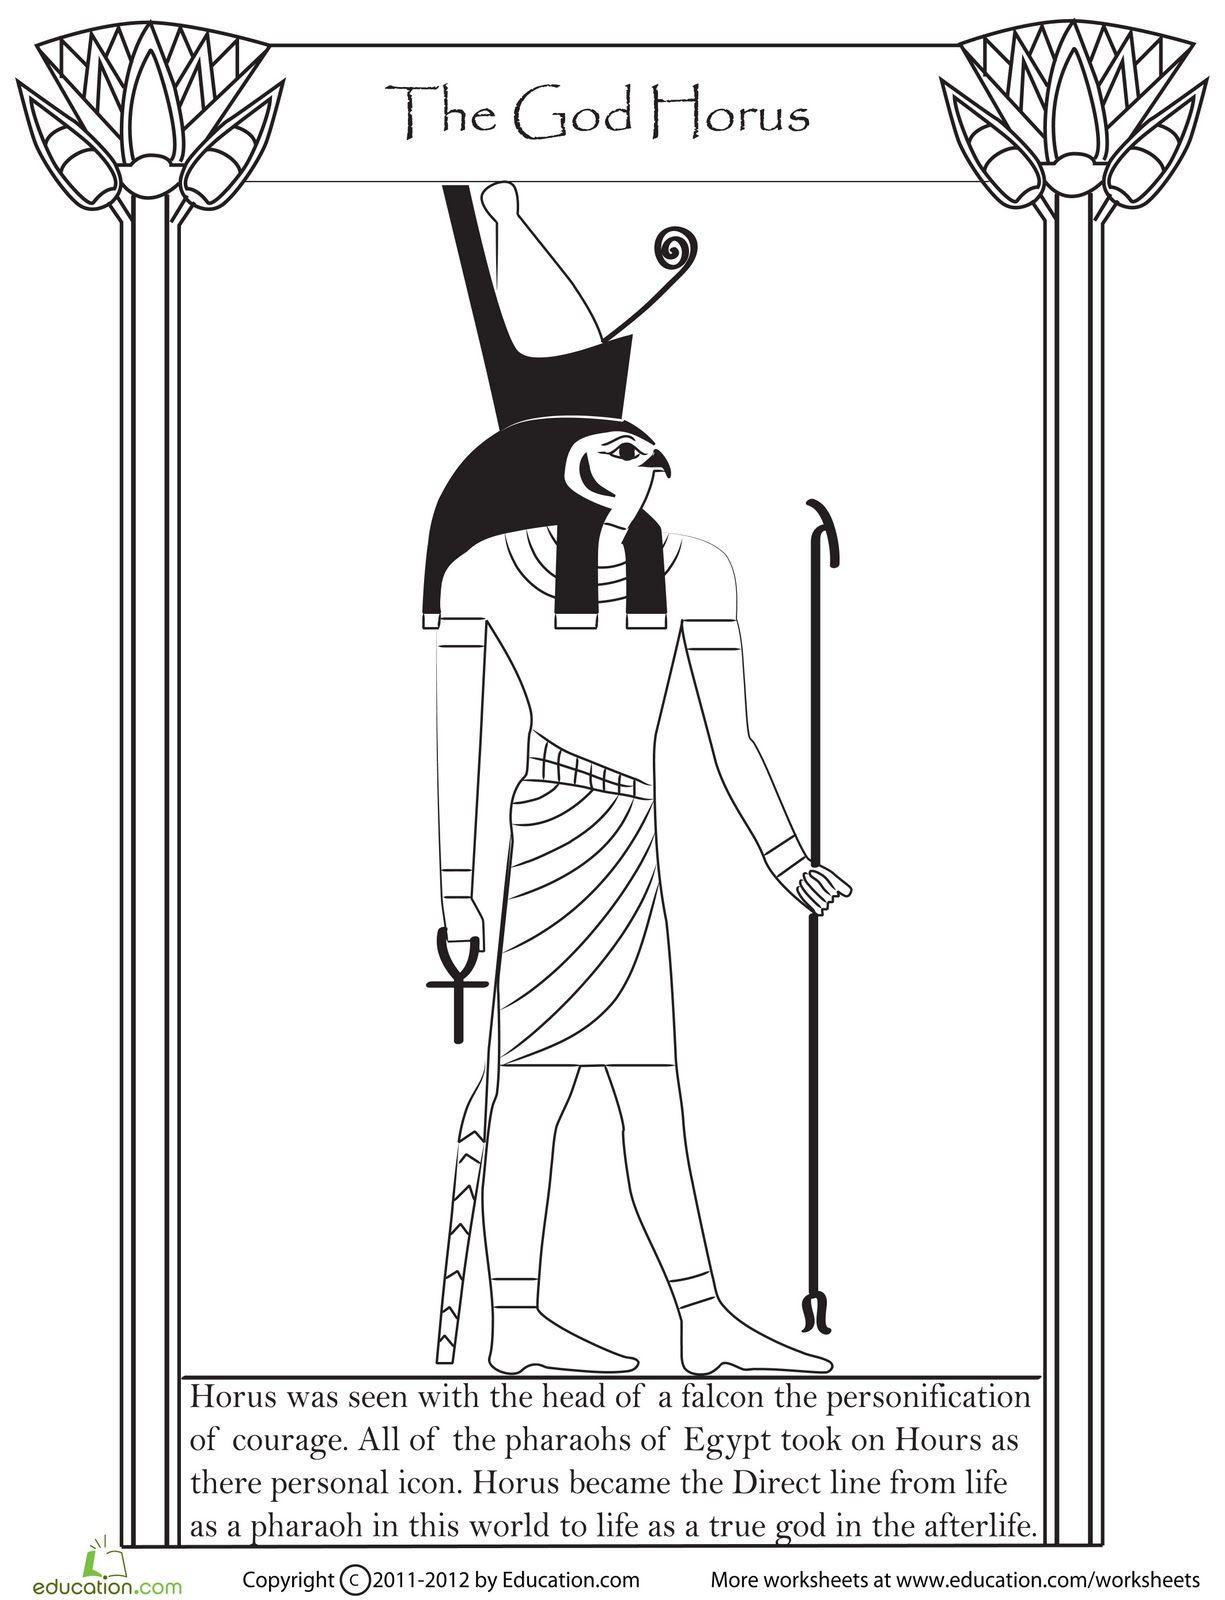 The God Horus